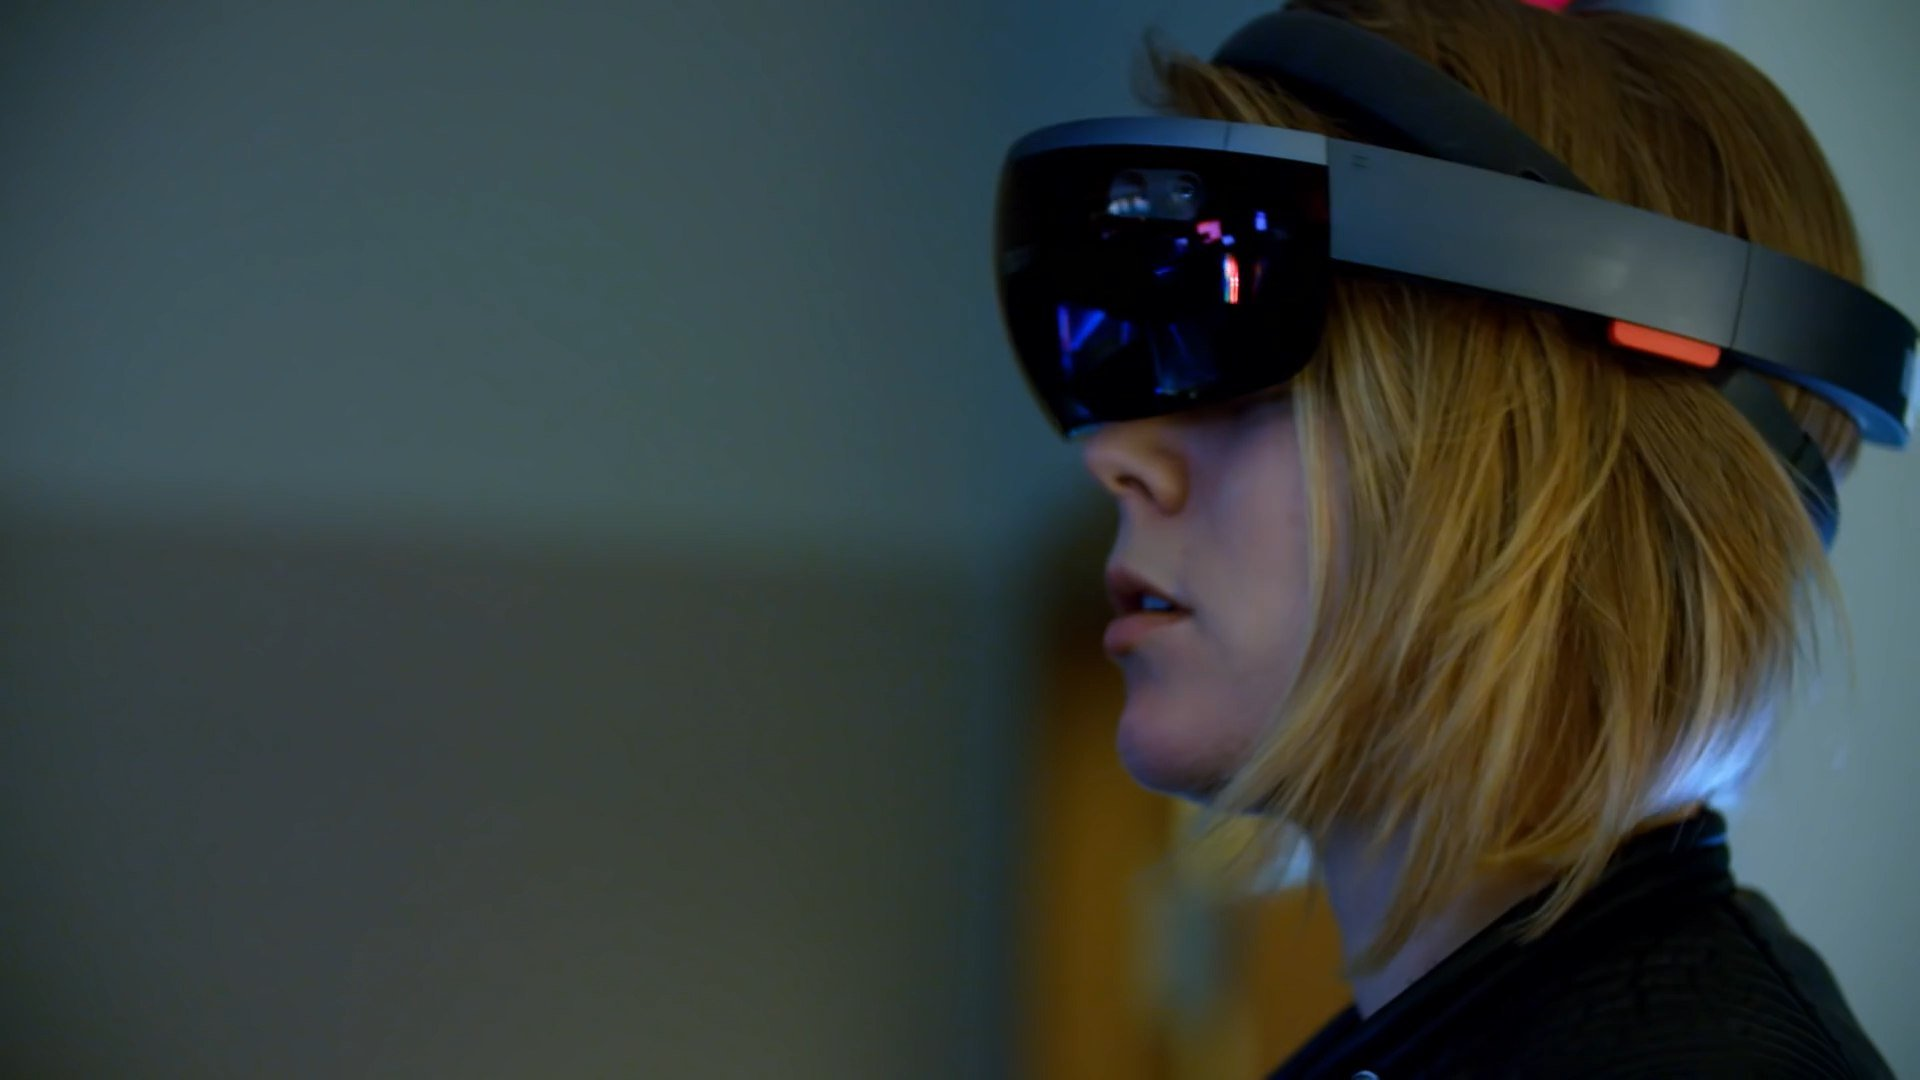 Следующая версия HoloLens появится в начале 2019